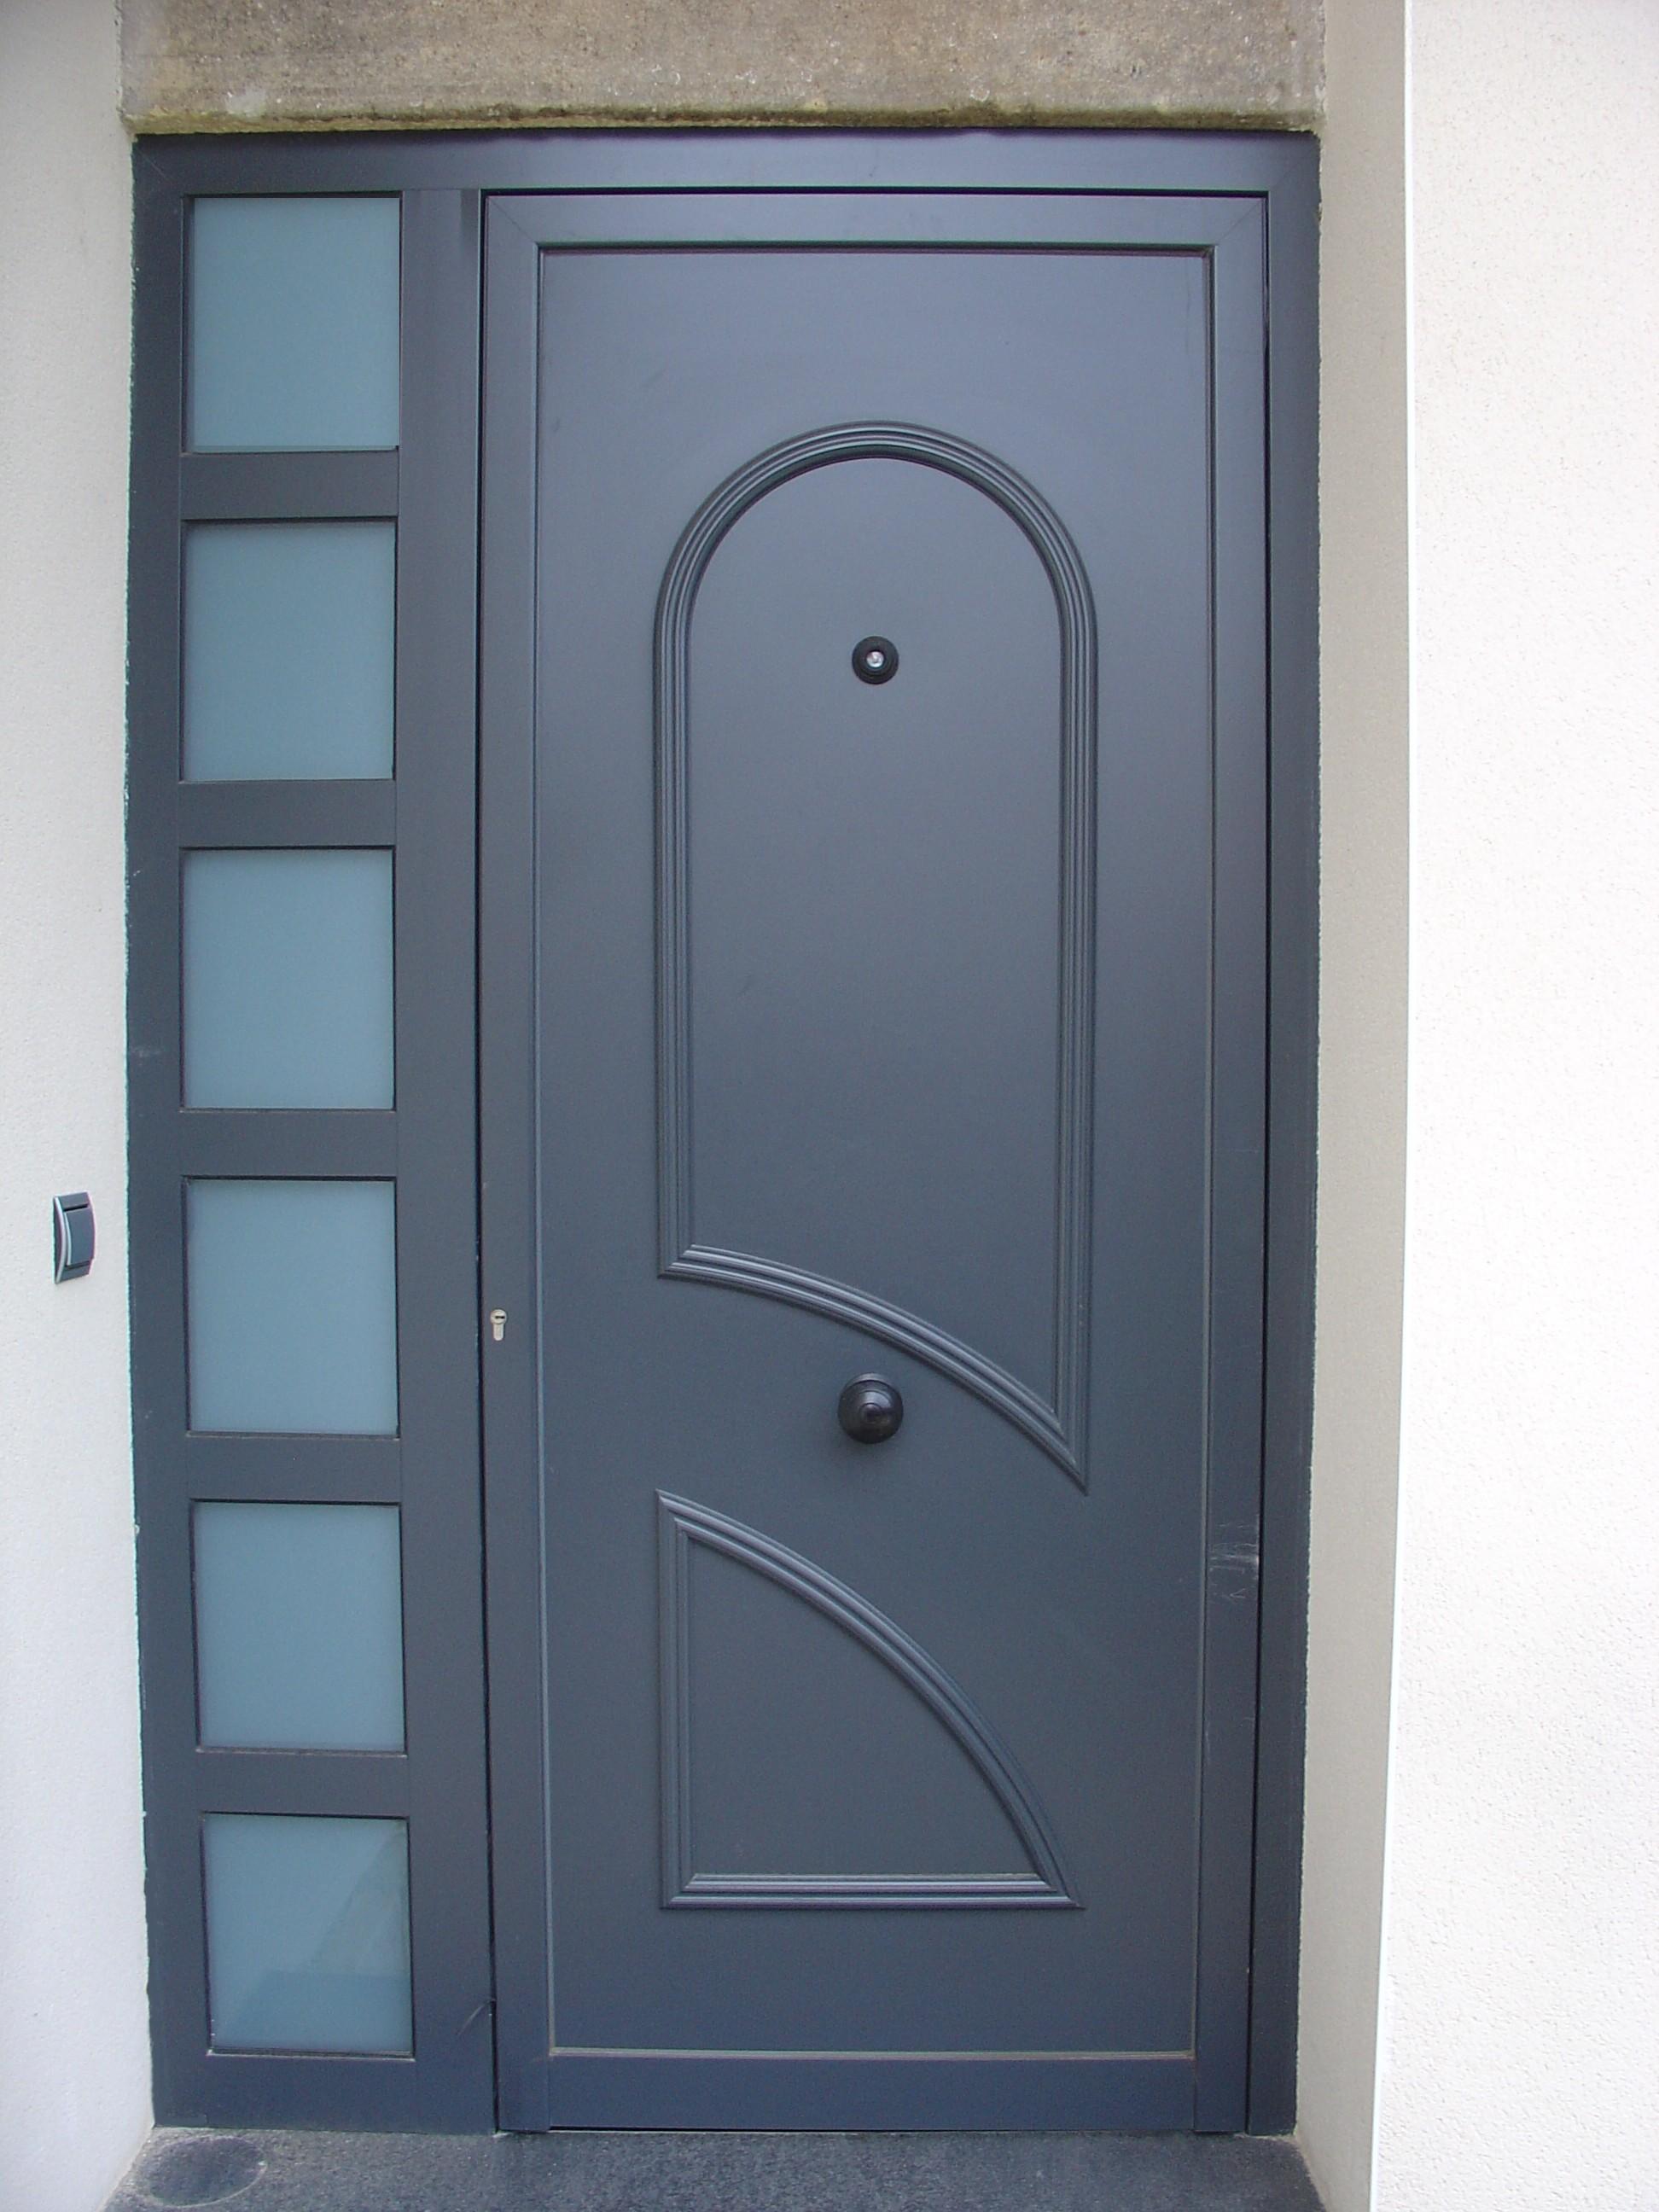 Puertas de entrada con cristal best puertas automaticas de cristal puertas correderas de - Puertas de entrada con cristal ...